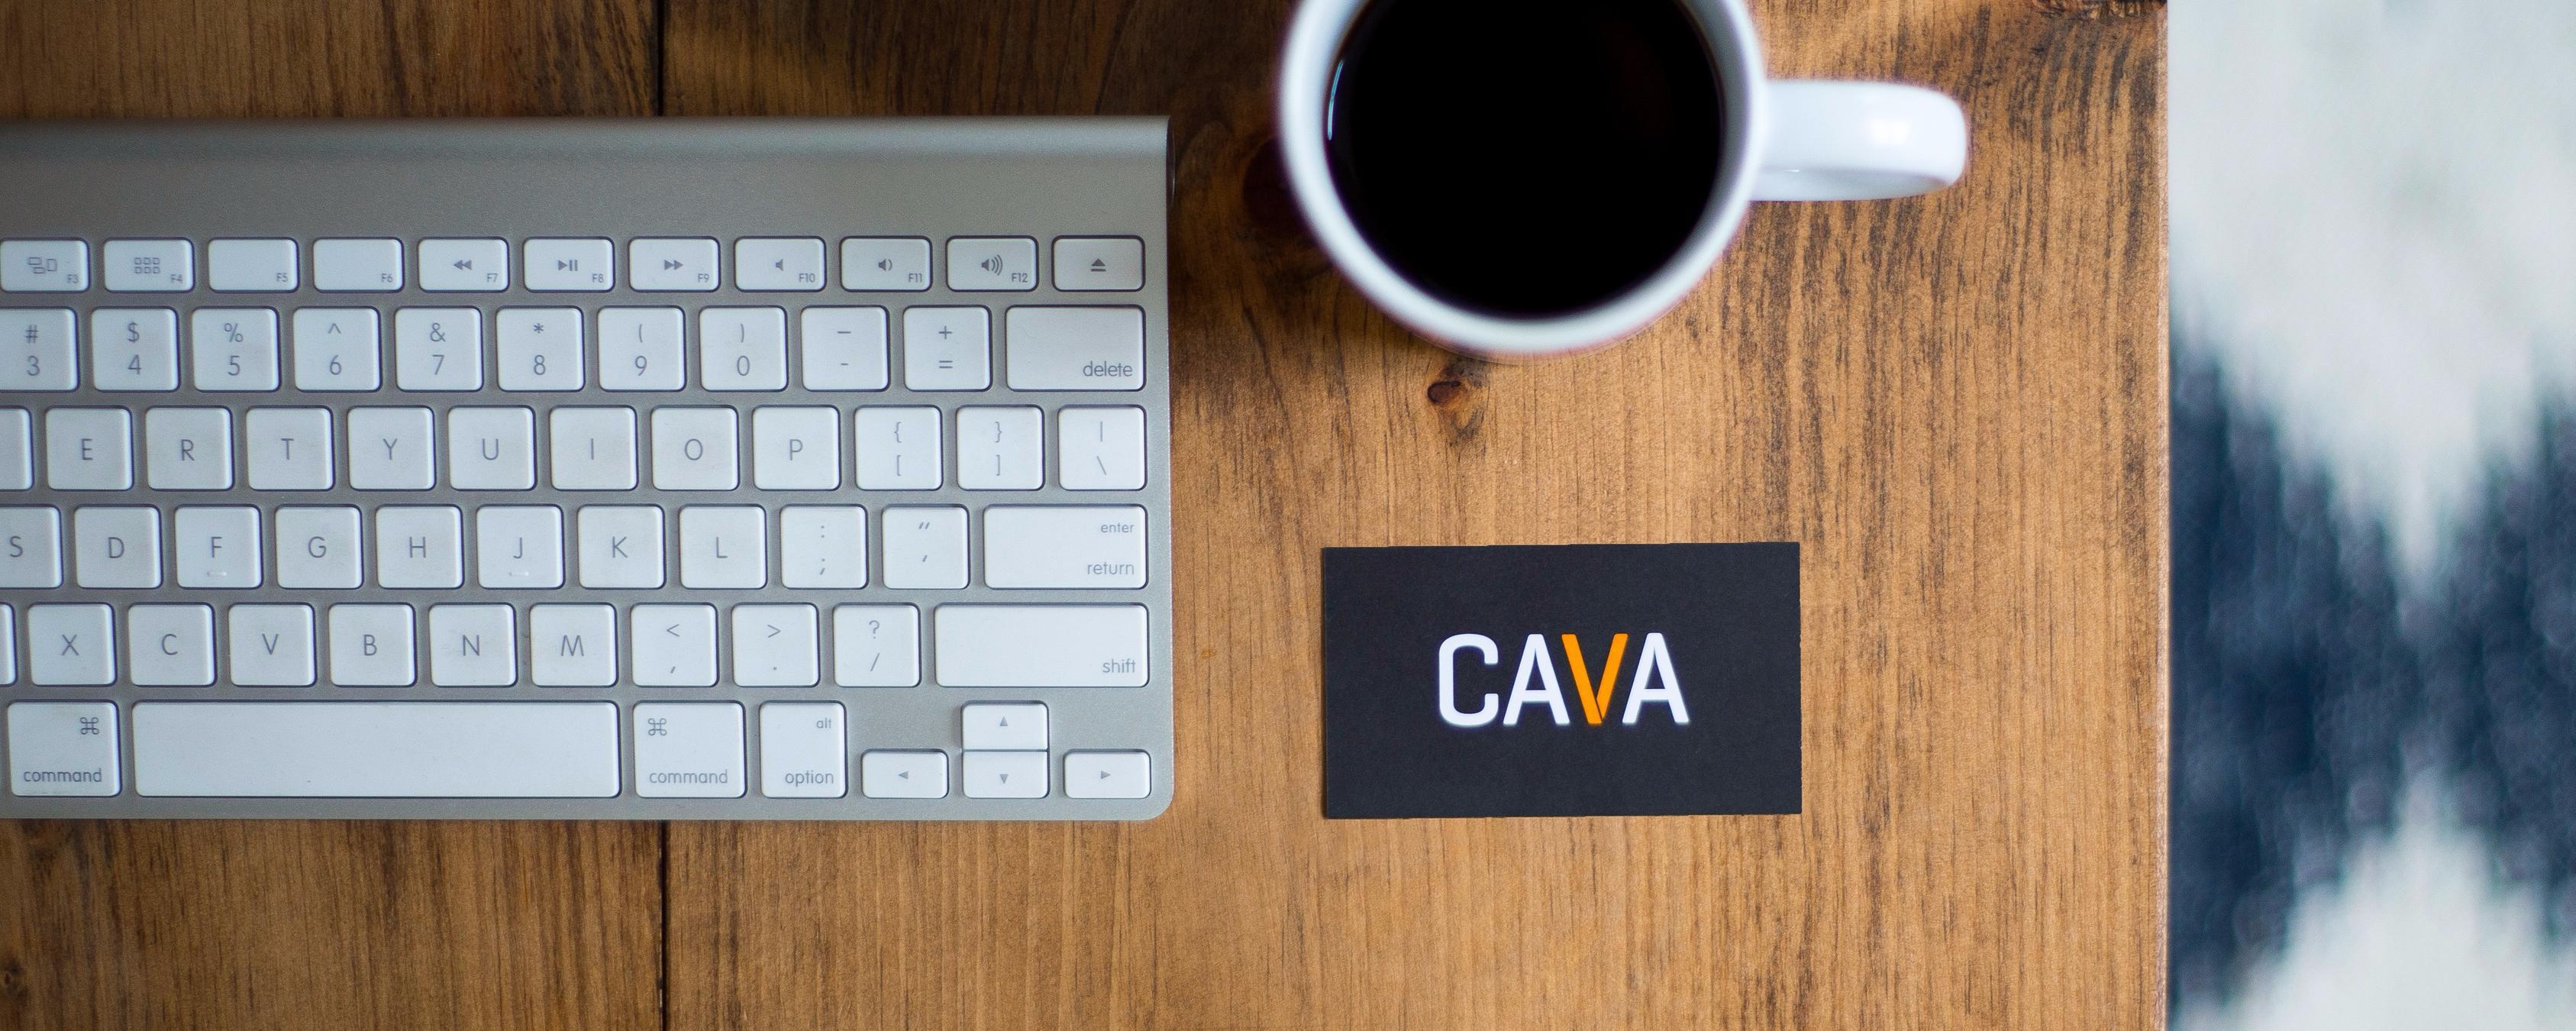 CAVA - Support Center (HQ) Brand Cover